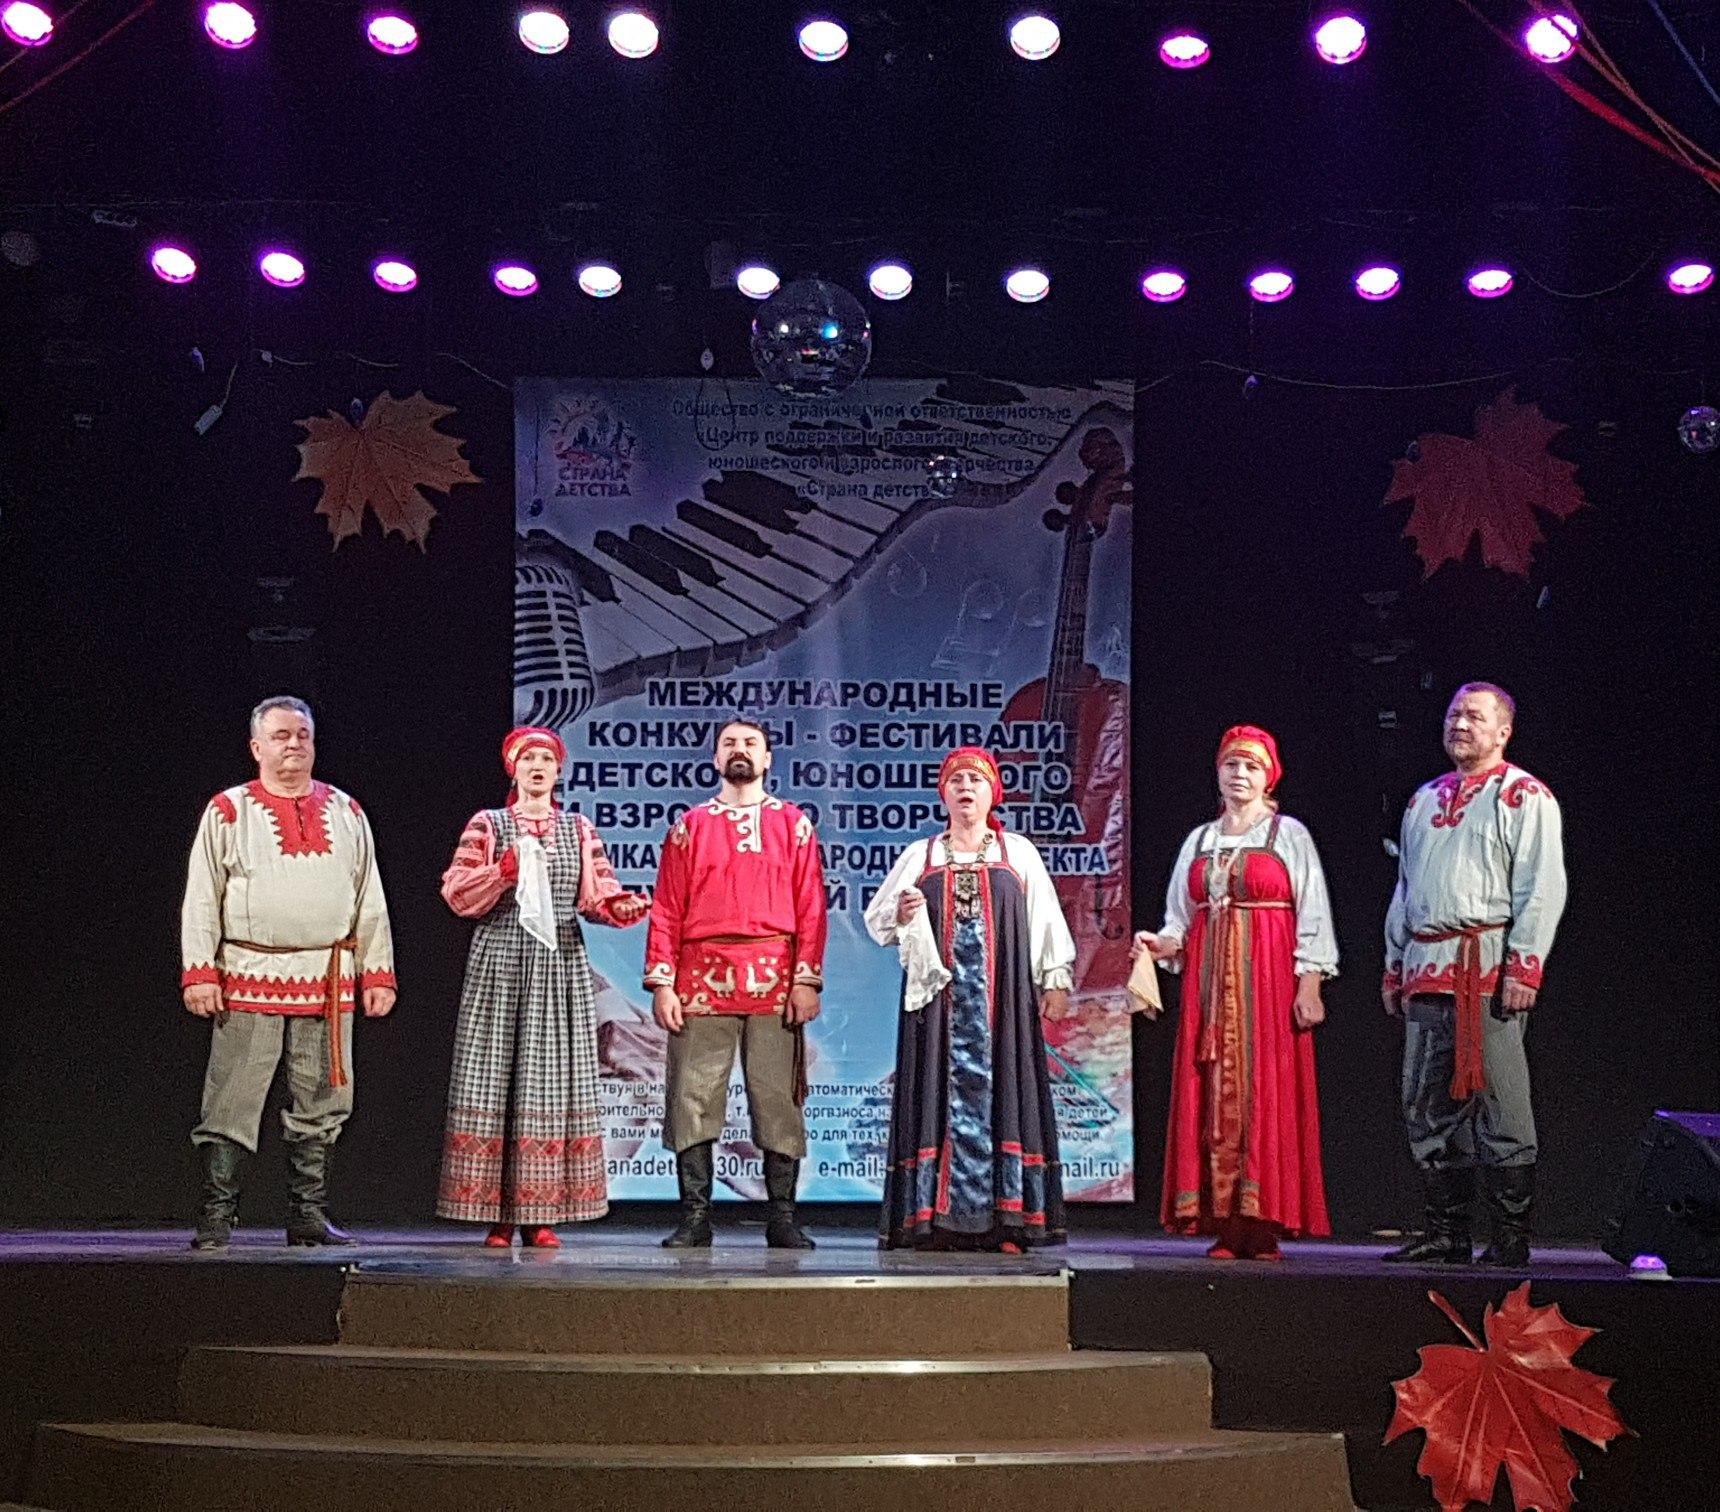 21 октября 2017 г. впервые в городе Кострома прошел I Международный конкурс-фестиваль детского, юношеского и взрослого творчества